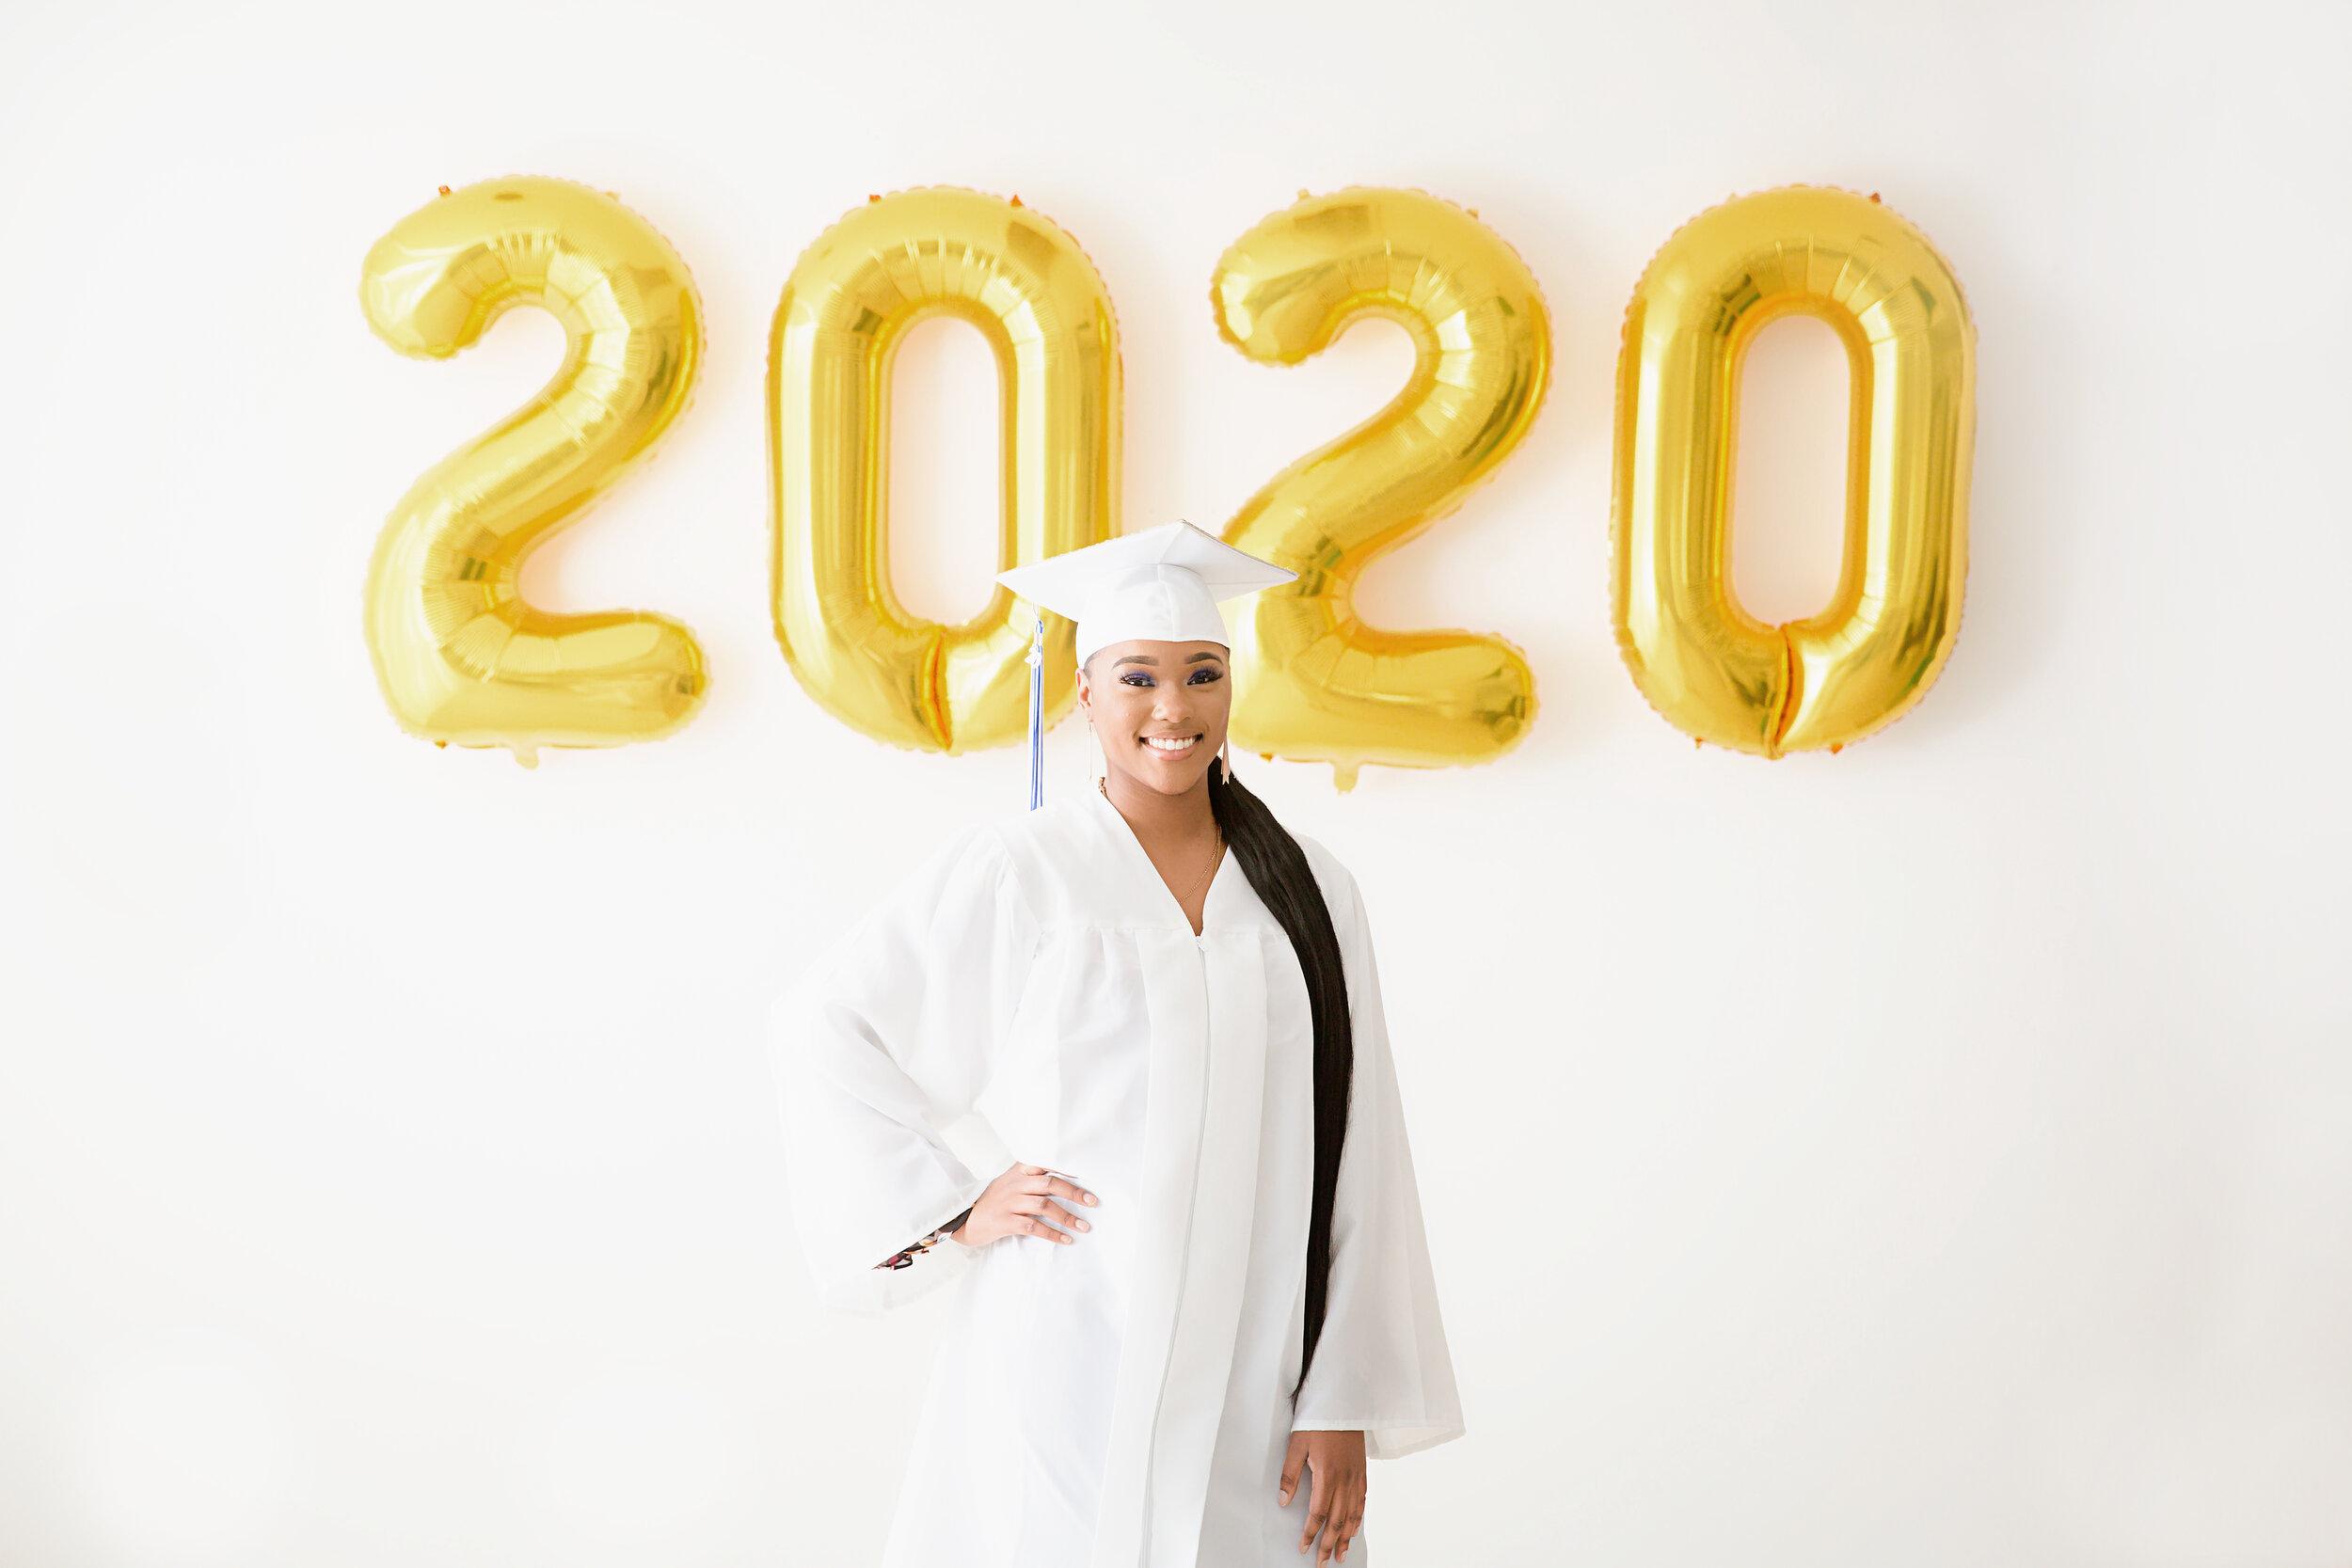 2020 portrait